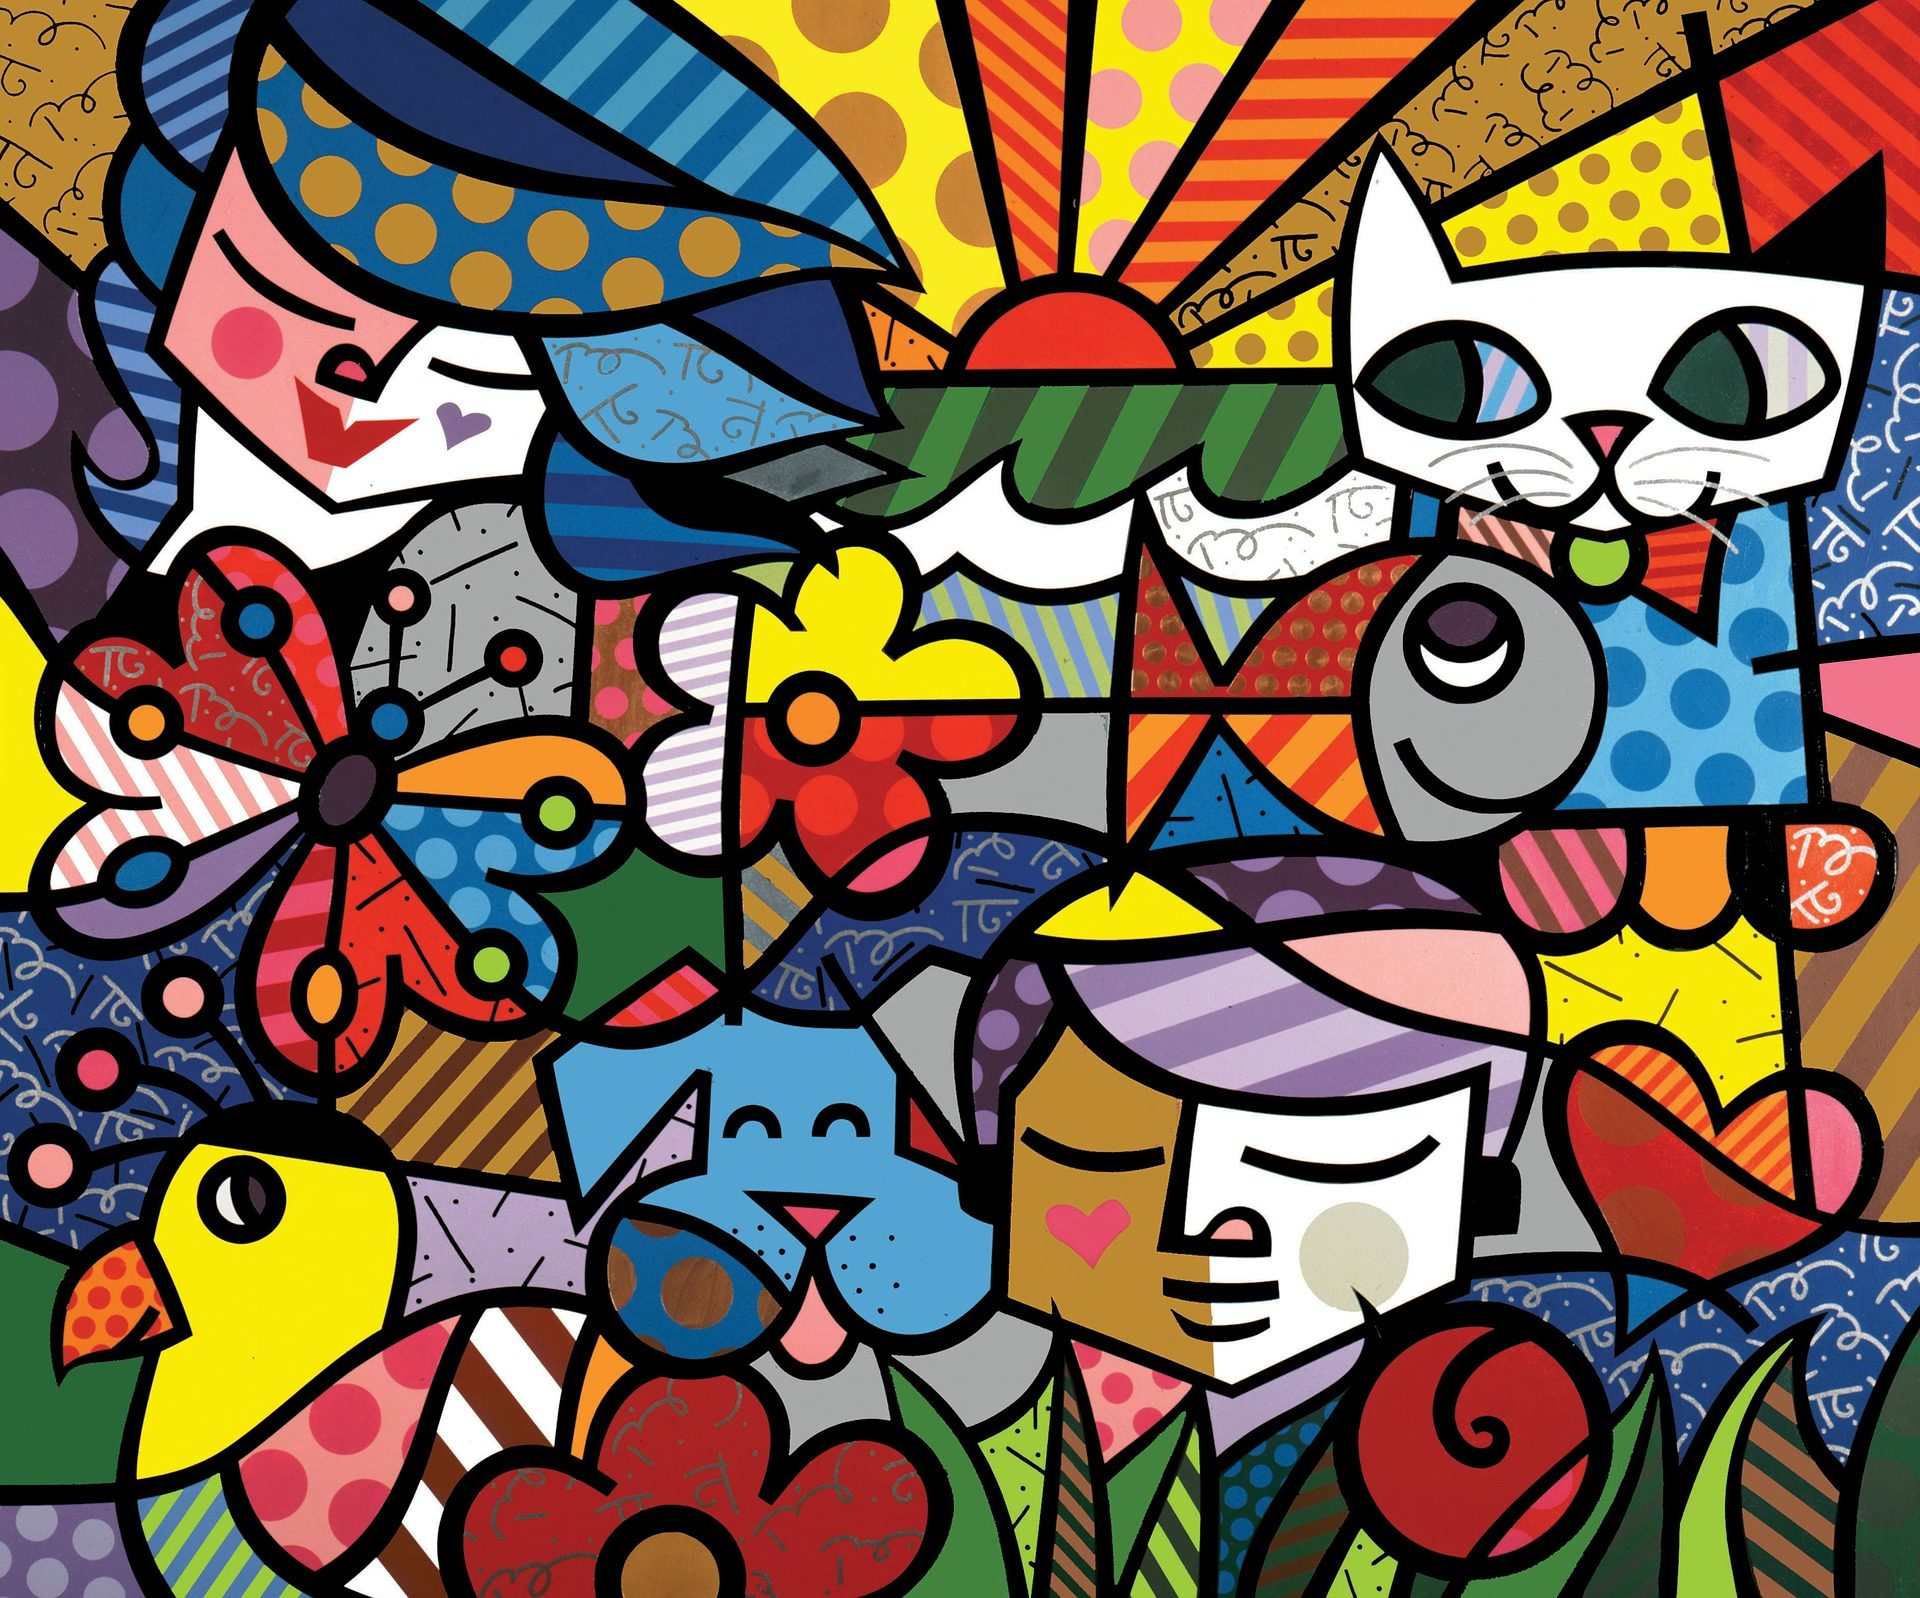 γάτα, σκύλος, mujeres, pez, πολύχρωμο - Wallpapers HD - Professor-falken.com